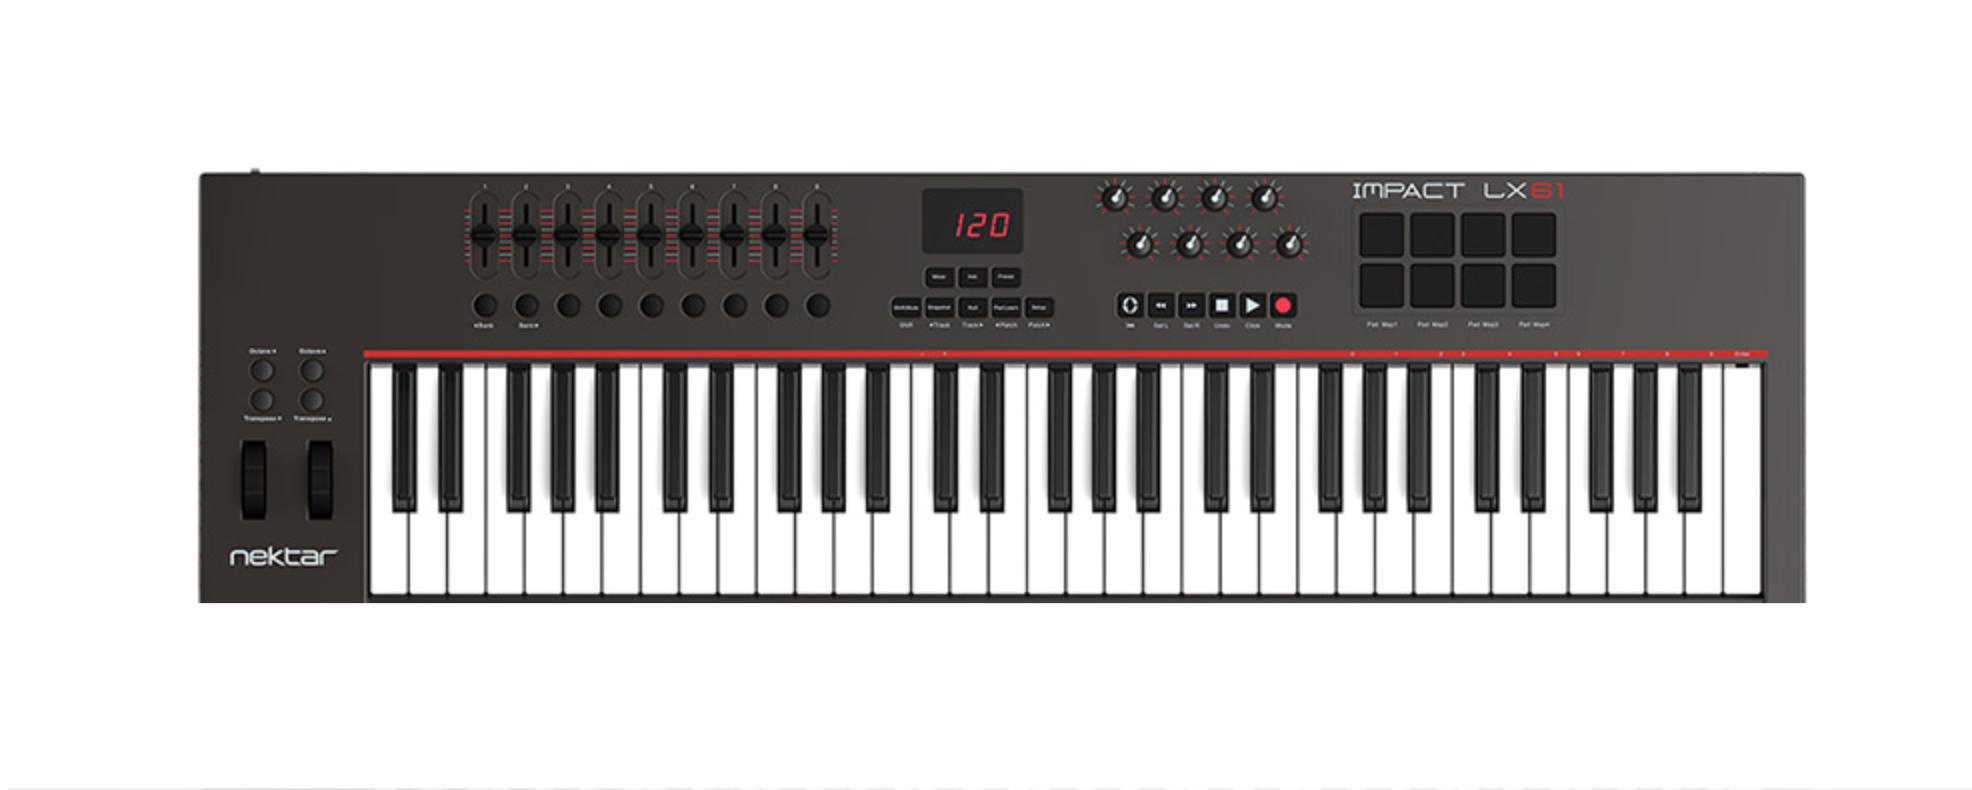 Lx 61MIDI keyboard